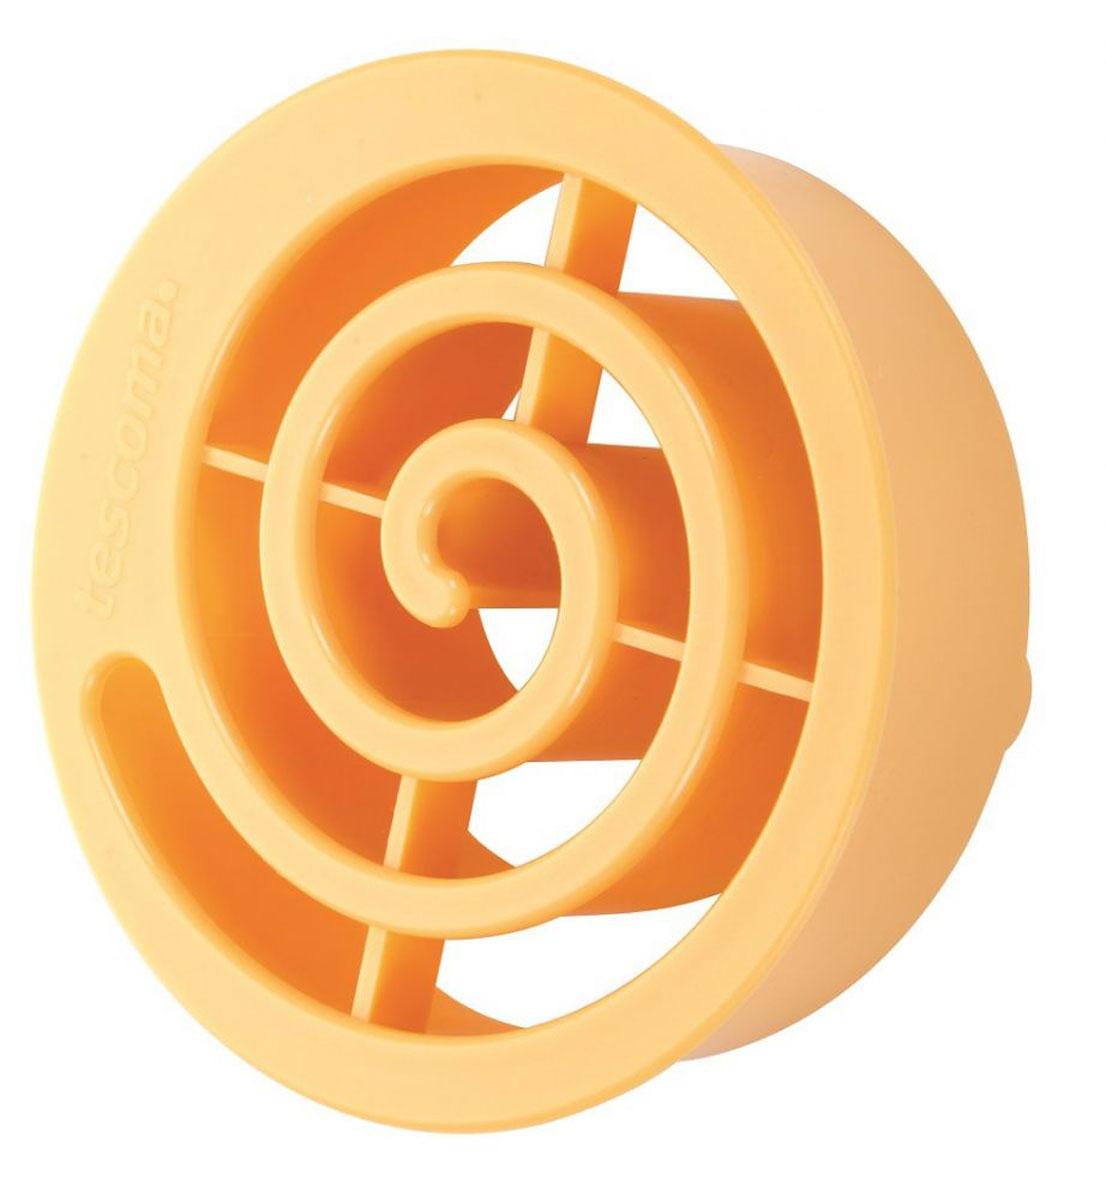 Форма для выпечки булочек Tescoma Улитка, 9 х 9 х 3 см630107Форма Tescoma Улитка прекрасно подходит дляприготовления домашней выпечки - булочек-розеток. Спомощью формочки выдавите в булках глубокий декор(около 2 мм над поверхностью рабочей поверхности) ивыпекайте тесто. Изделие изготовлено извысококачественного прочного пластика. Подходит для мытья в посудомоечной машине.Размер формы: 9 х 9 х 3 см.